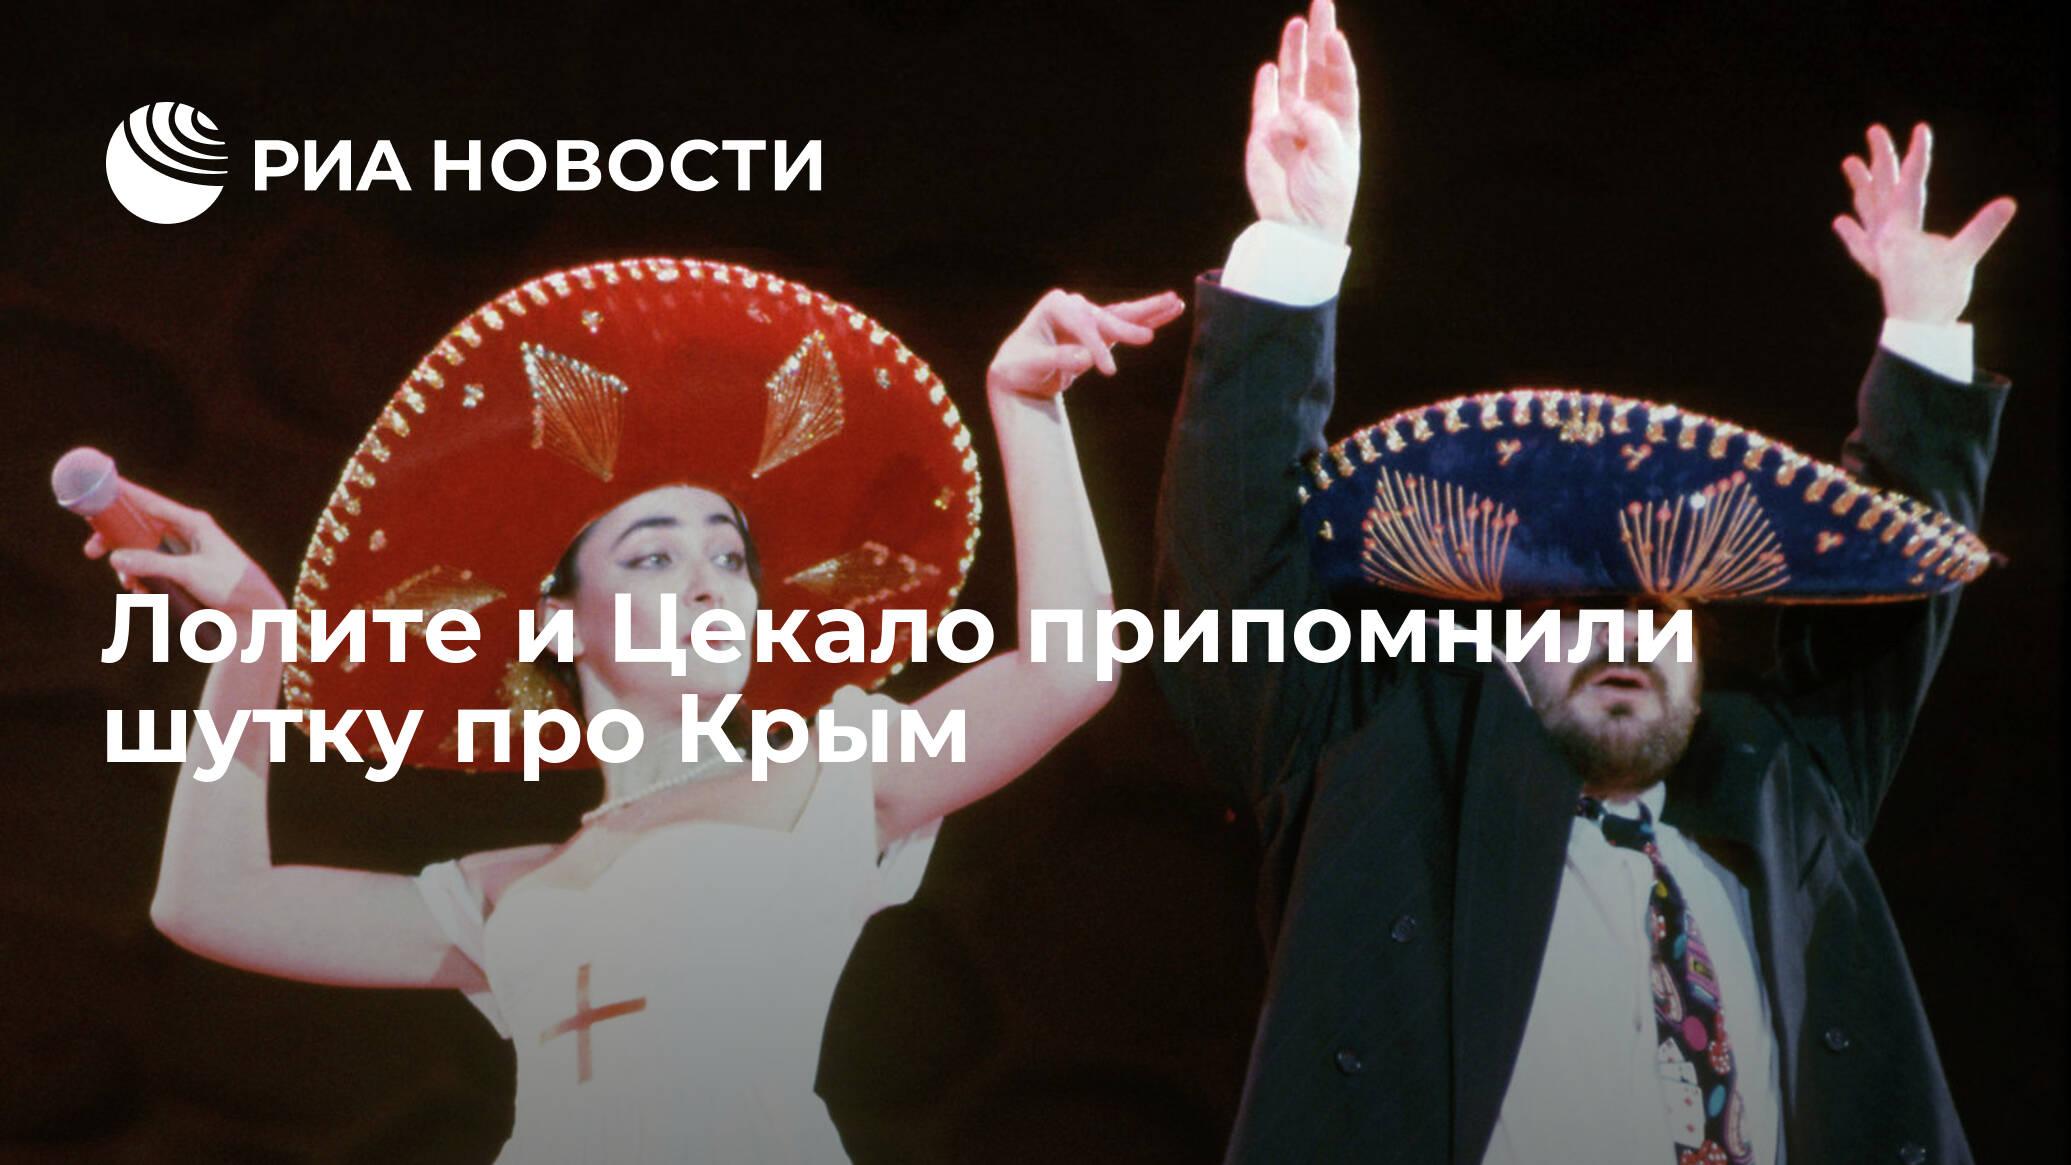 Лолите и Цекало припомнили шутку про Крым